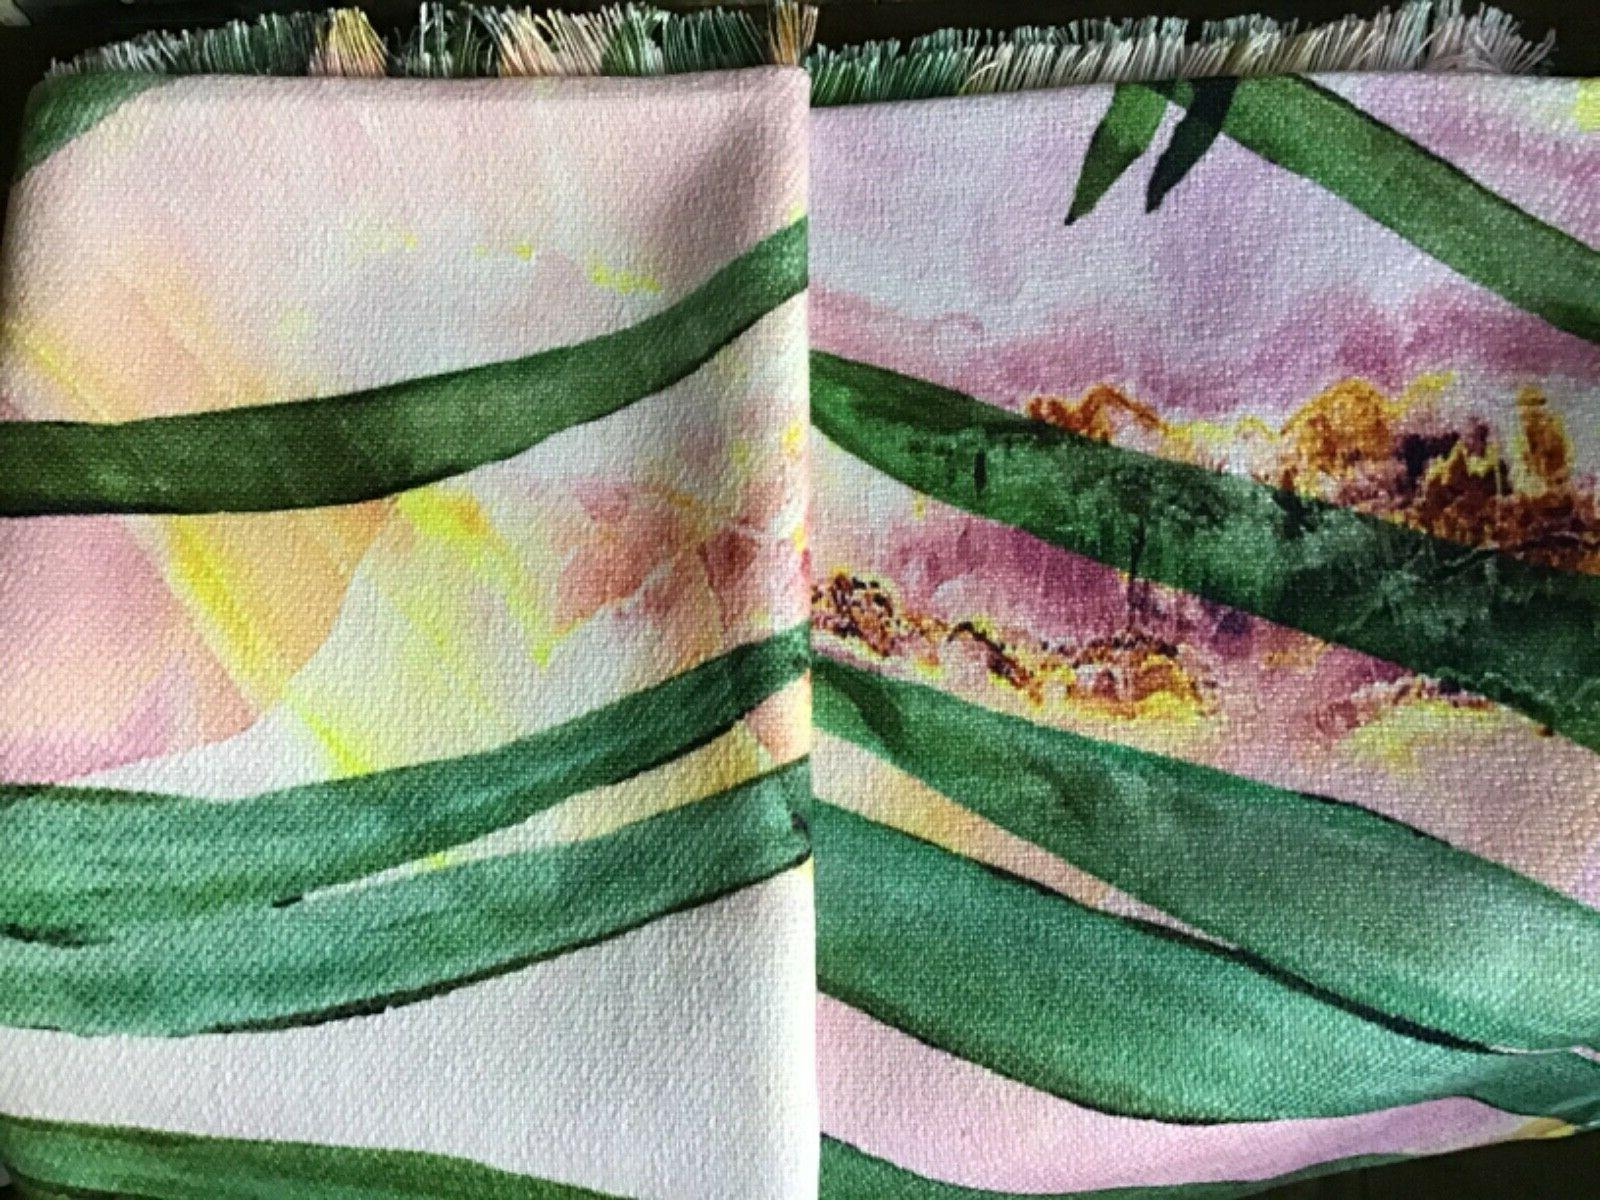 Marta Barragan Camarasa Palm Leaf Woven Throw Pink - Deny